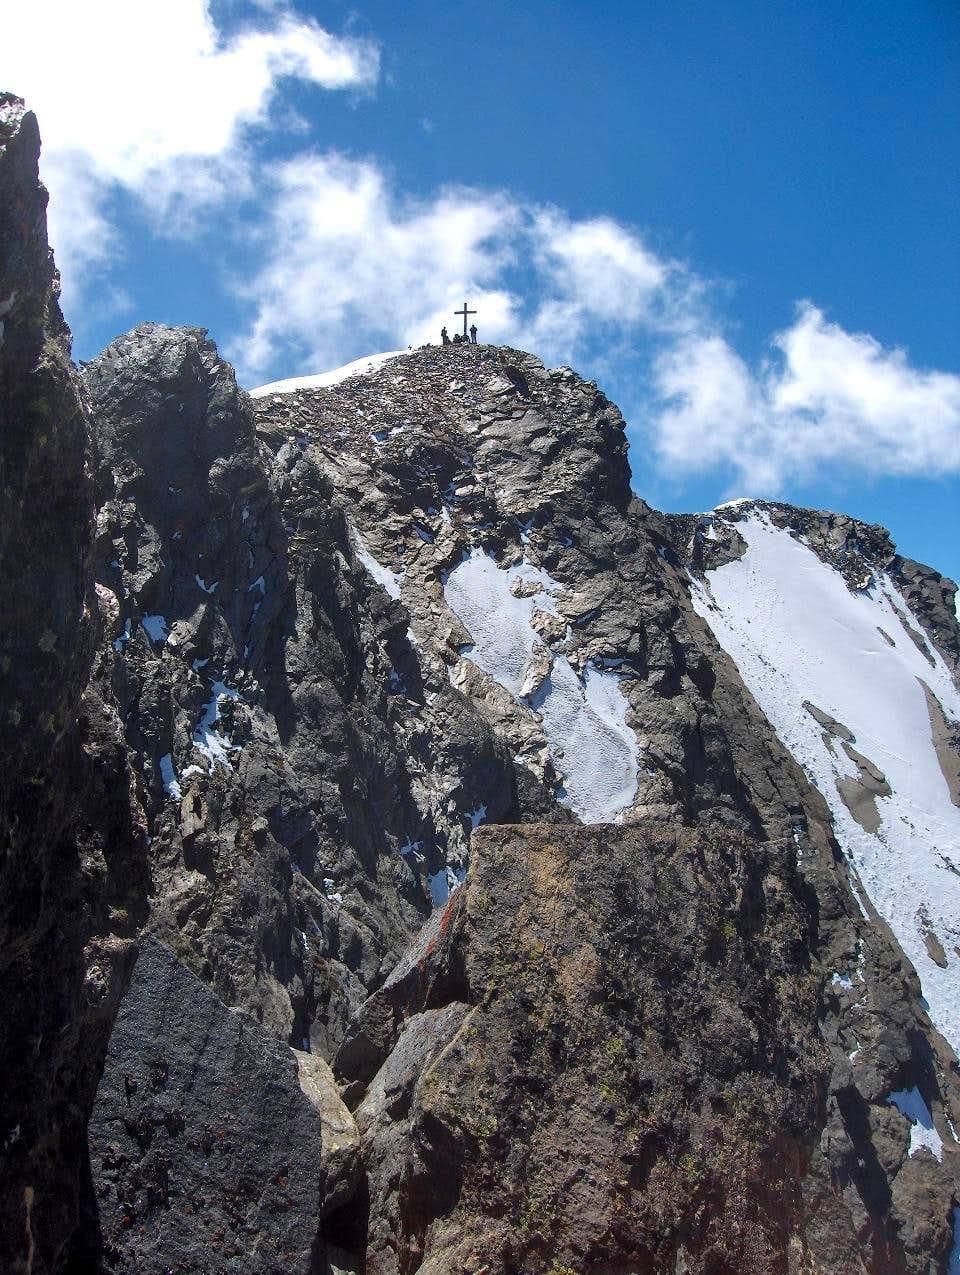 Ants on the summit